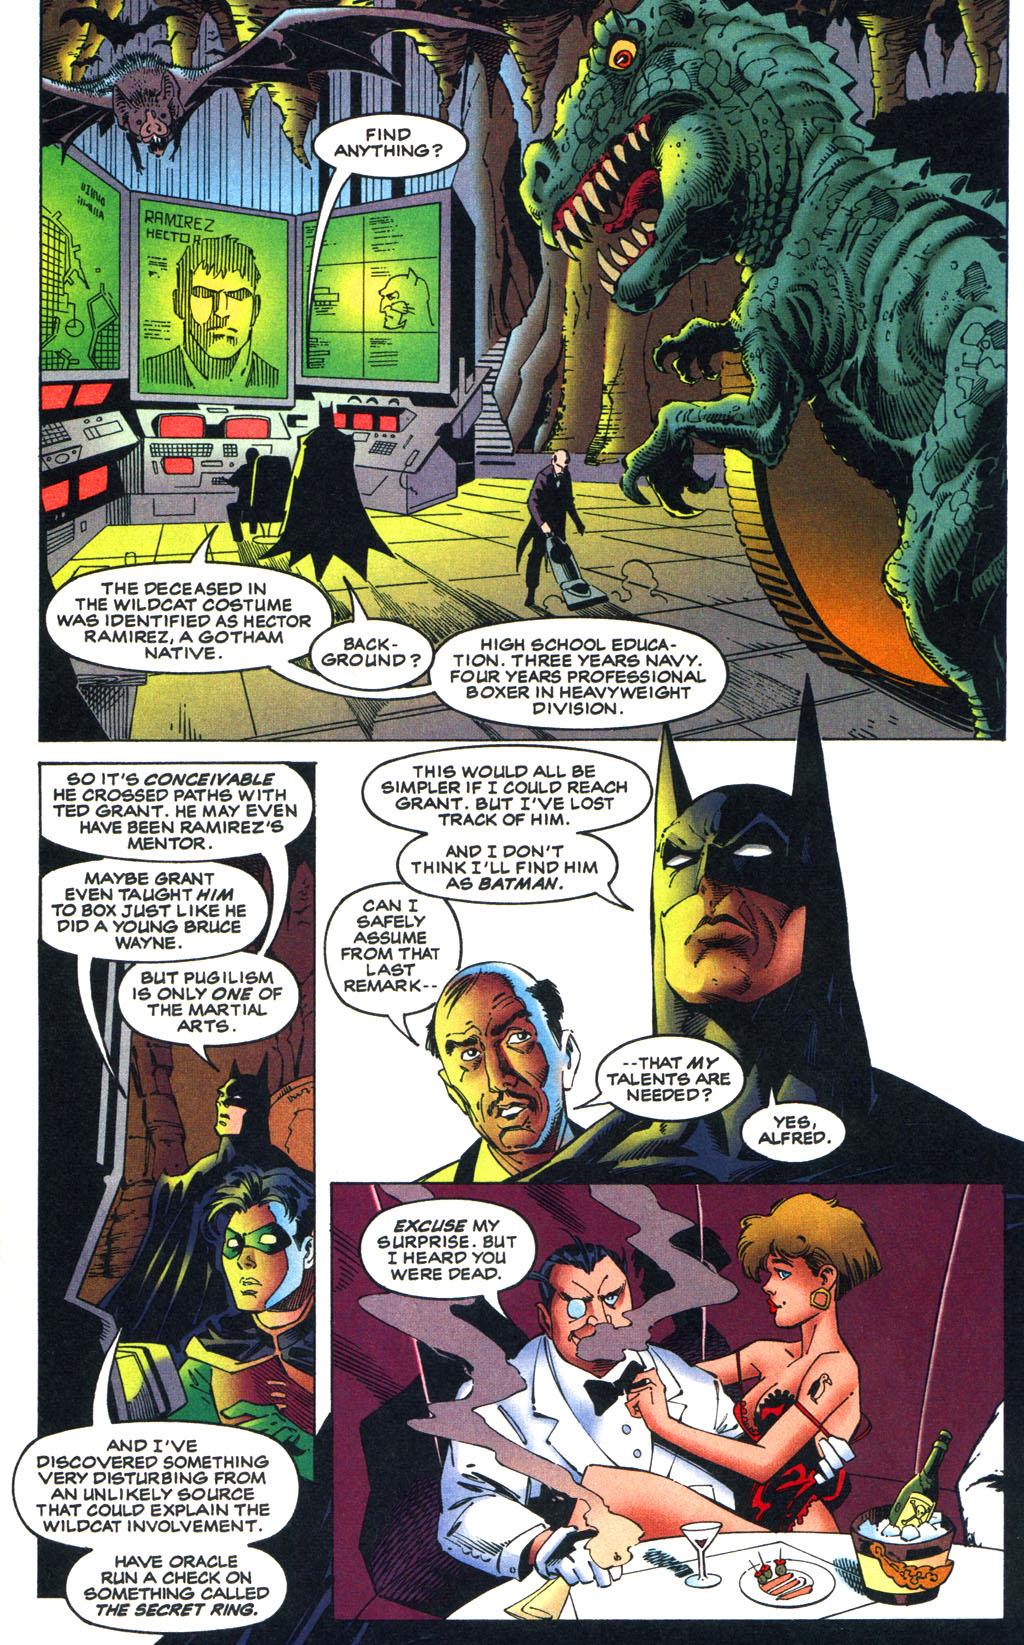 Read online Batman/Wildcat comic -  Issue #1 - 11